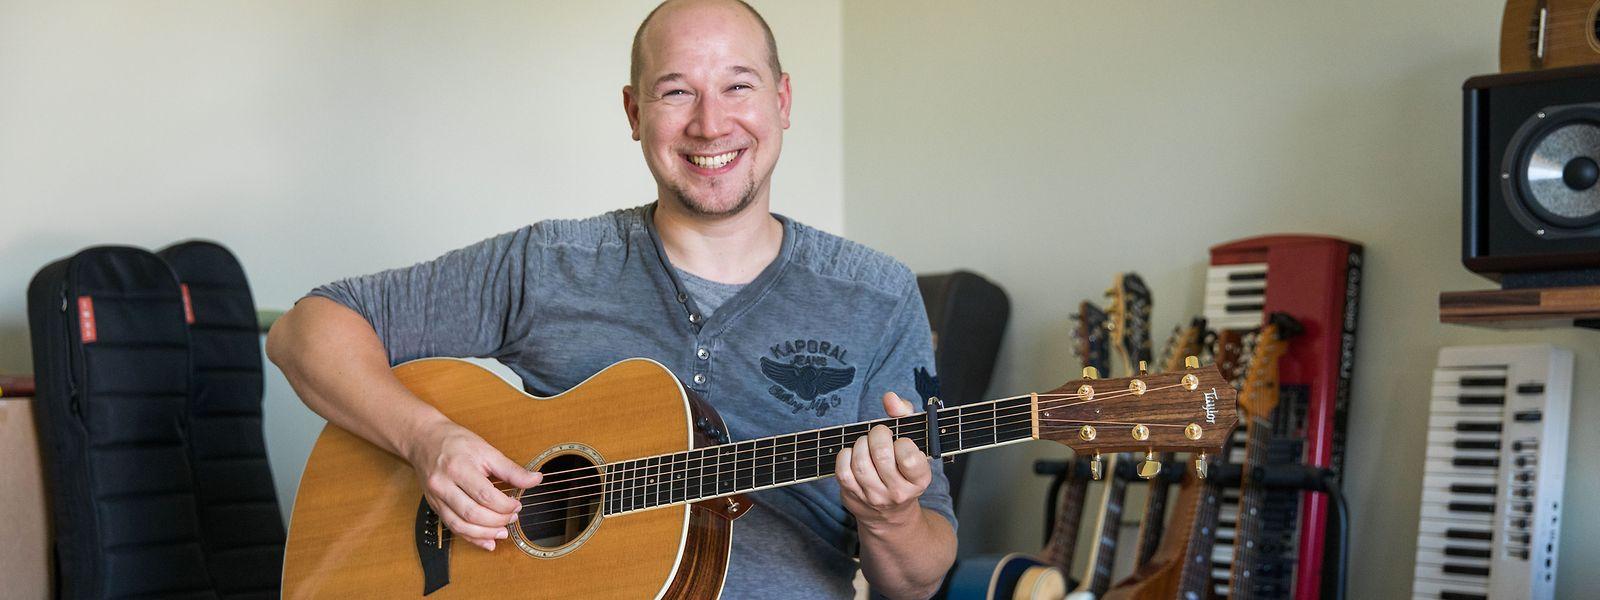 Le songwriter aime composer à l'ancienne, avec sa guitare, son piano et sa voix.